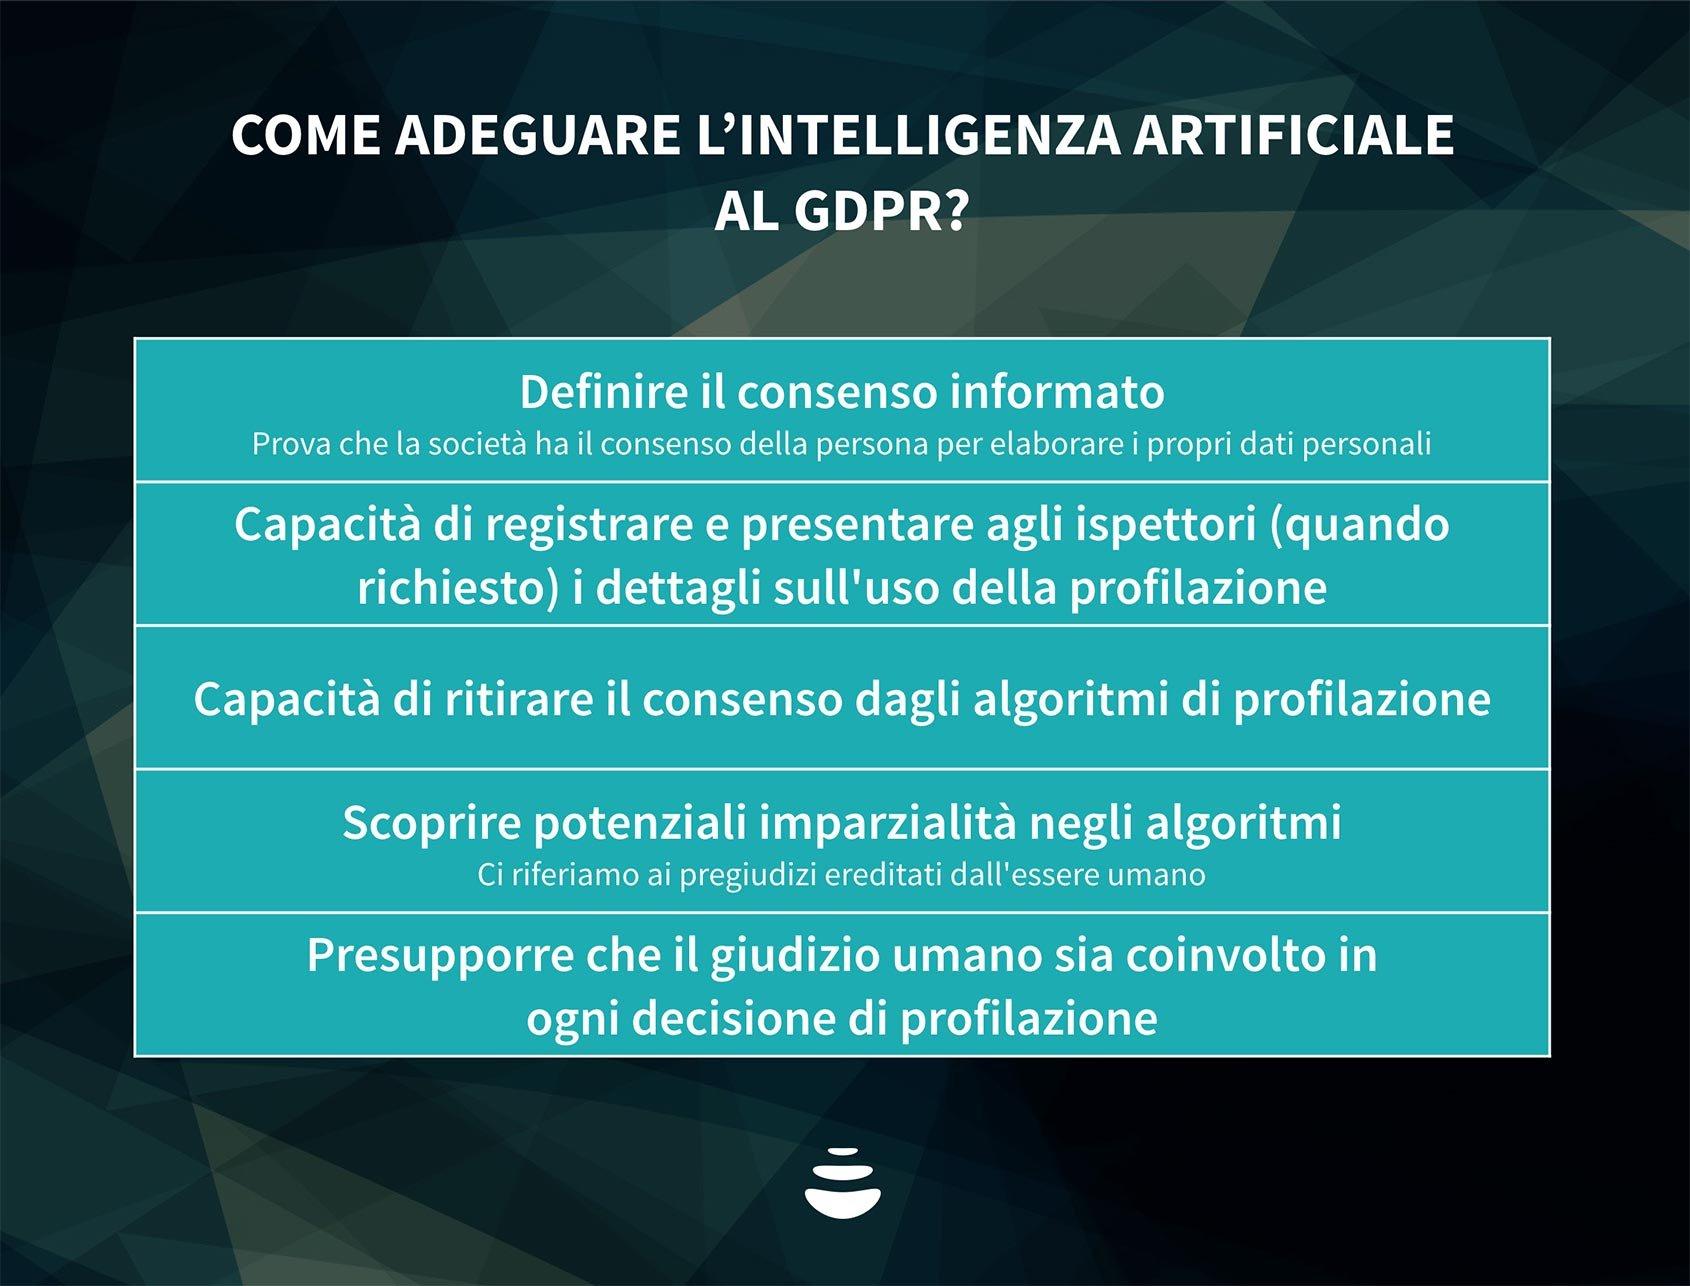 intelligenza artificiale e gdpr